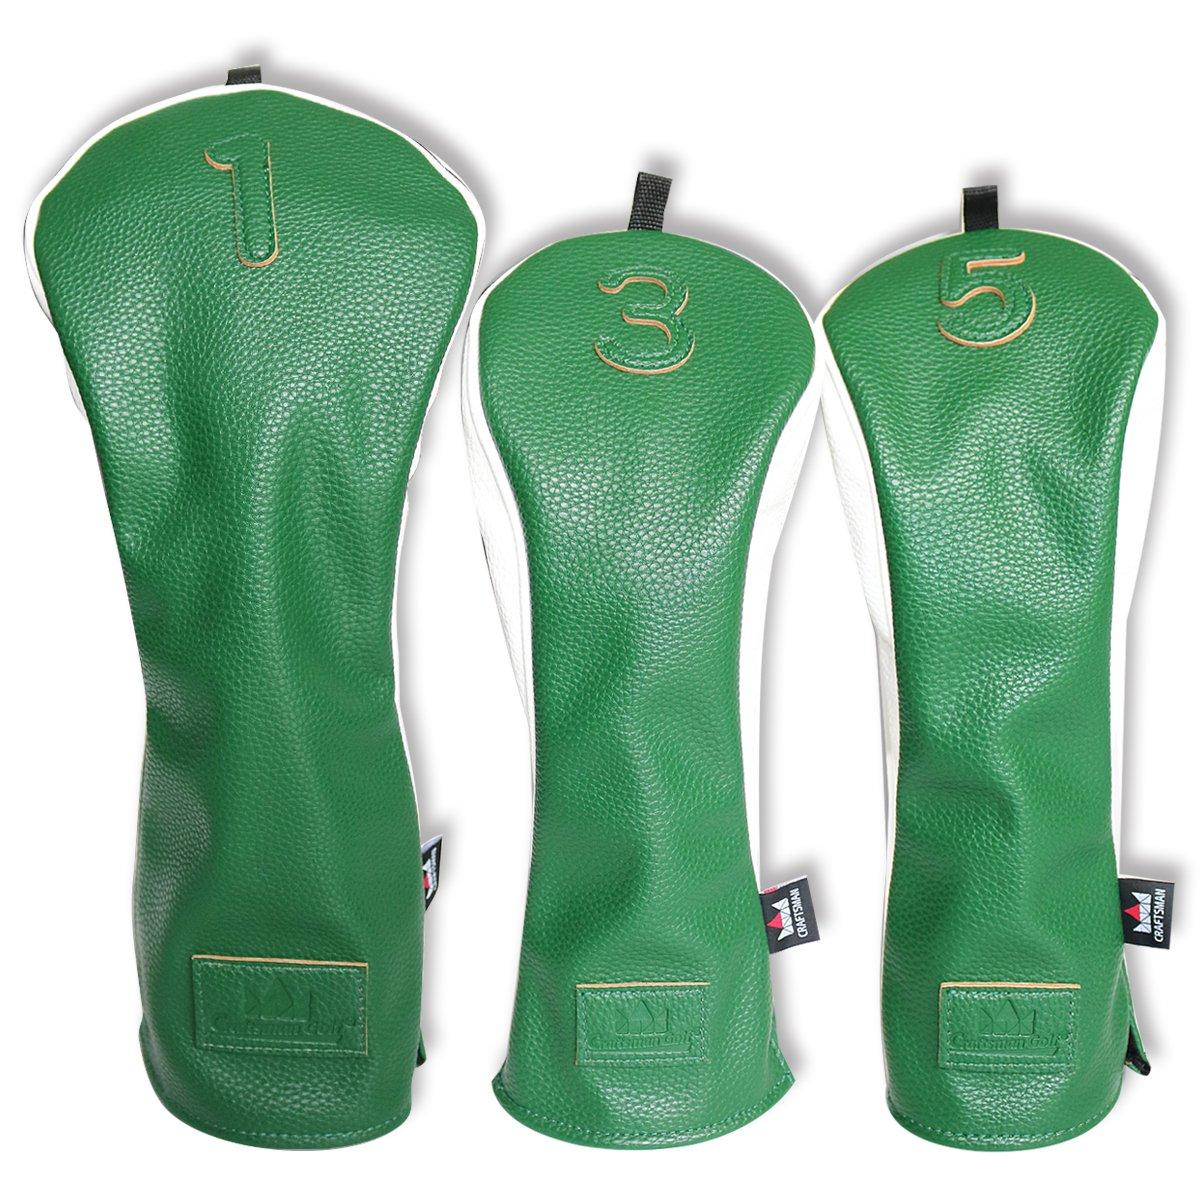 Craftsman Golf 3ピース3dデザイン# 1 # 3 # 5フェアウェイウッド用ヘッドカバー460 ccドライバーレザースタイルヘッドカバーセットのテーラーメイド、Callaway、Titleist、Ping Nike Yamaha  Green & White B01LF3KUJG